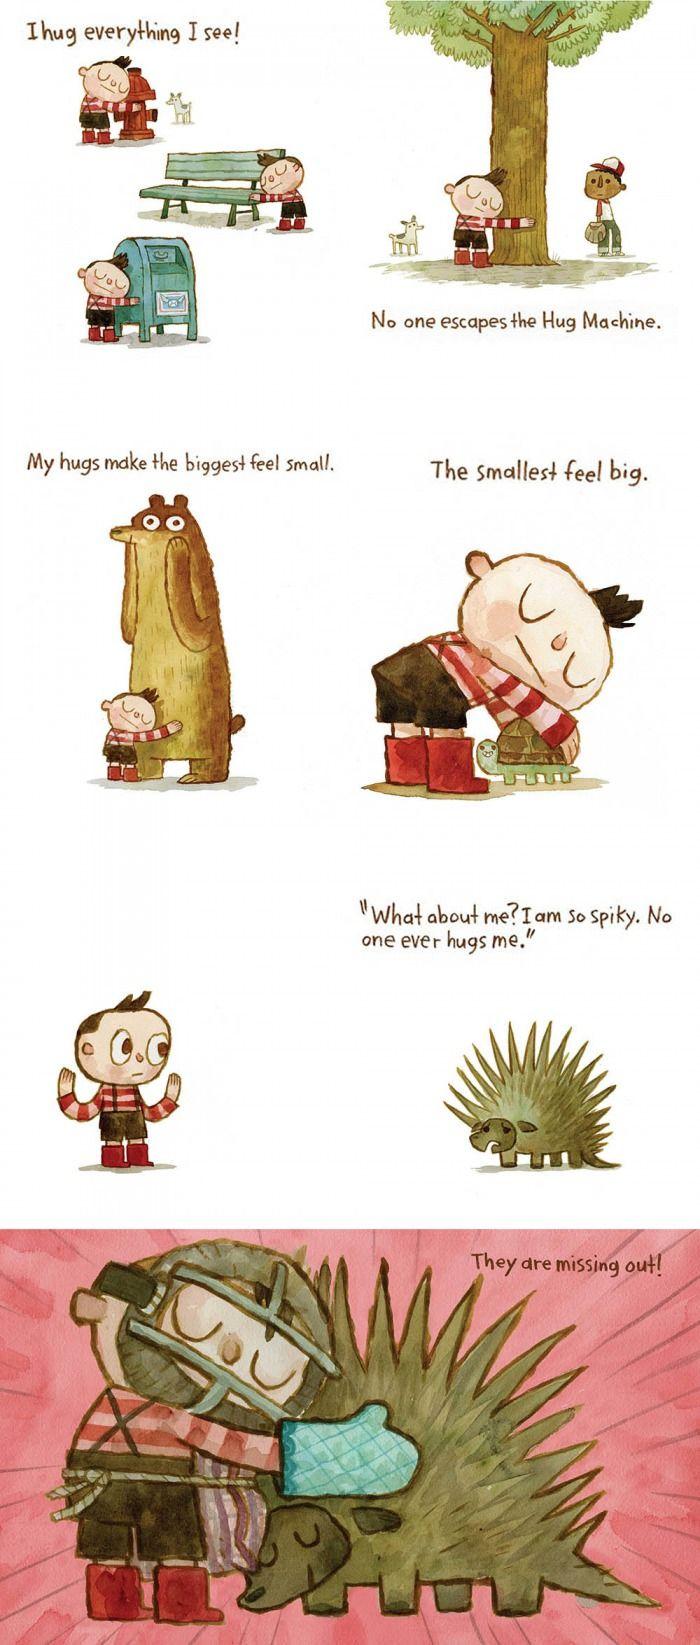 No one escapes the Hug Machine :)